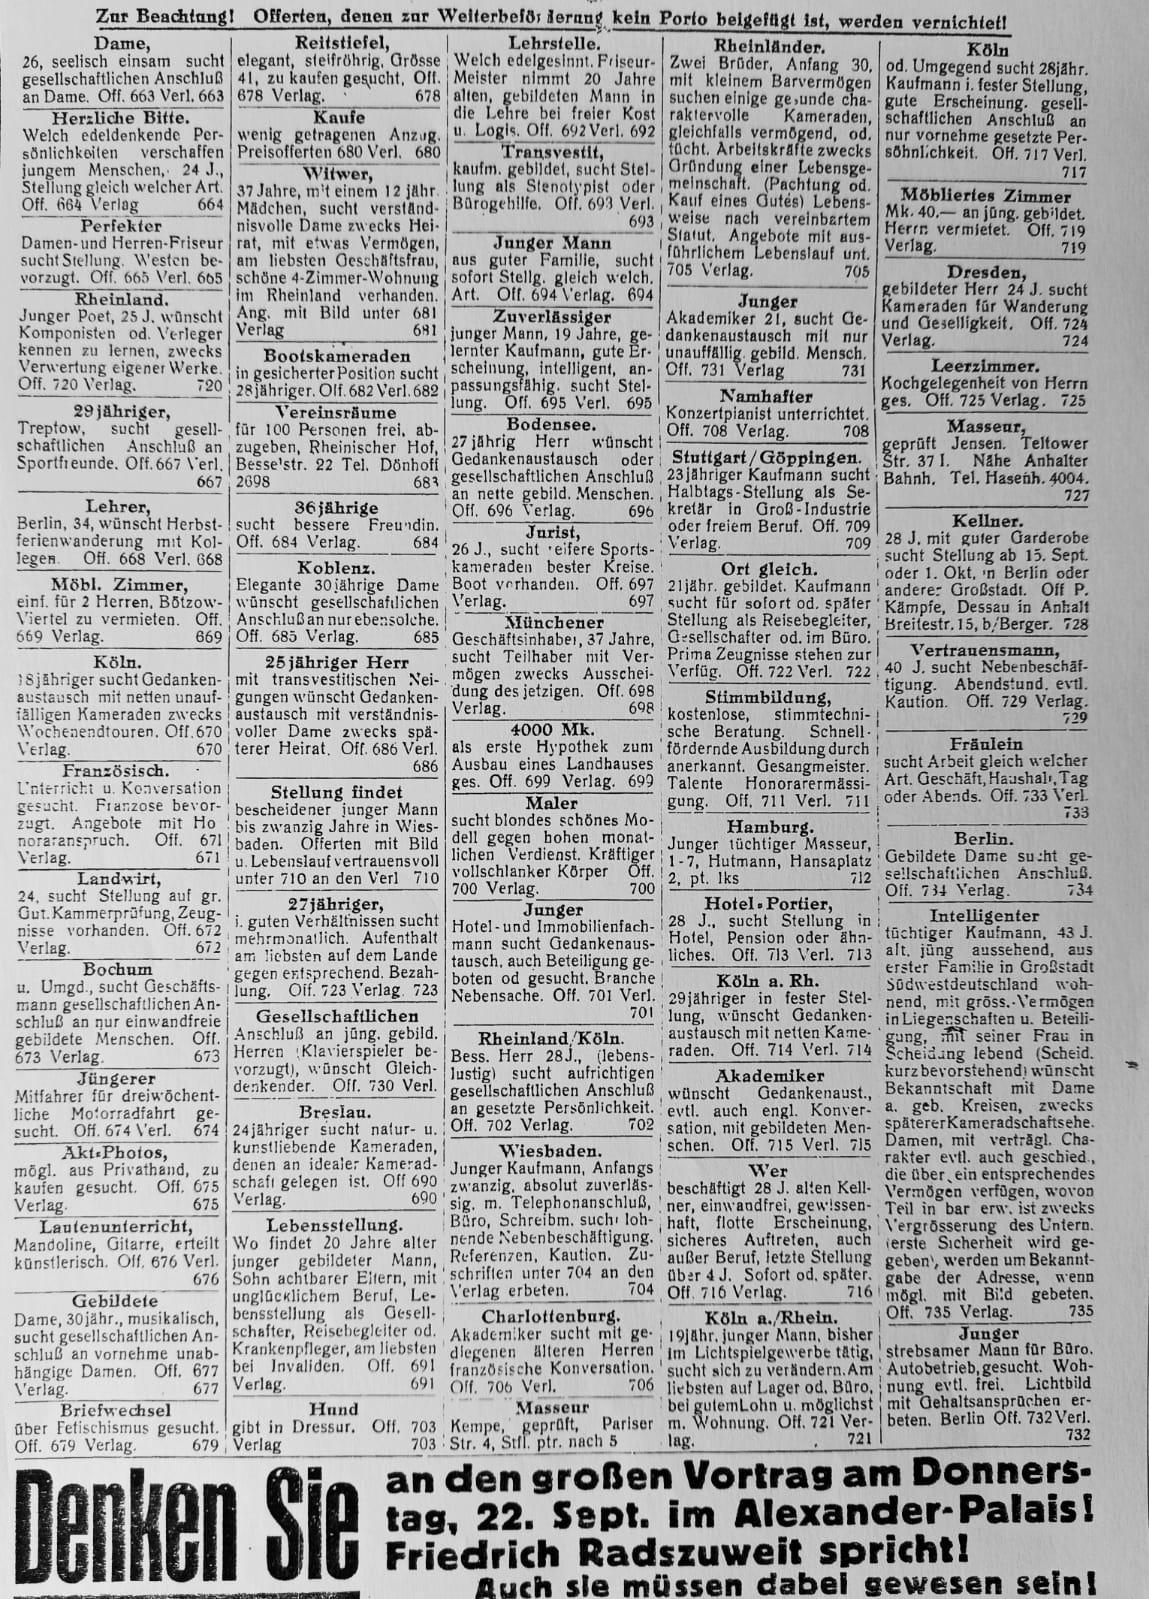 Die Freundin, 3. Jg., Nr. 18 (19.9.1927), S. 8